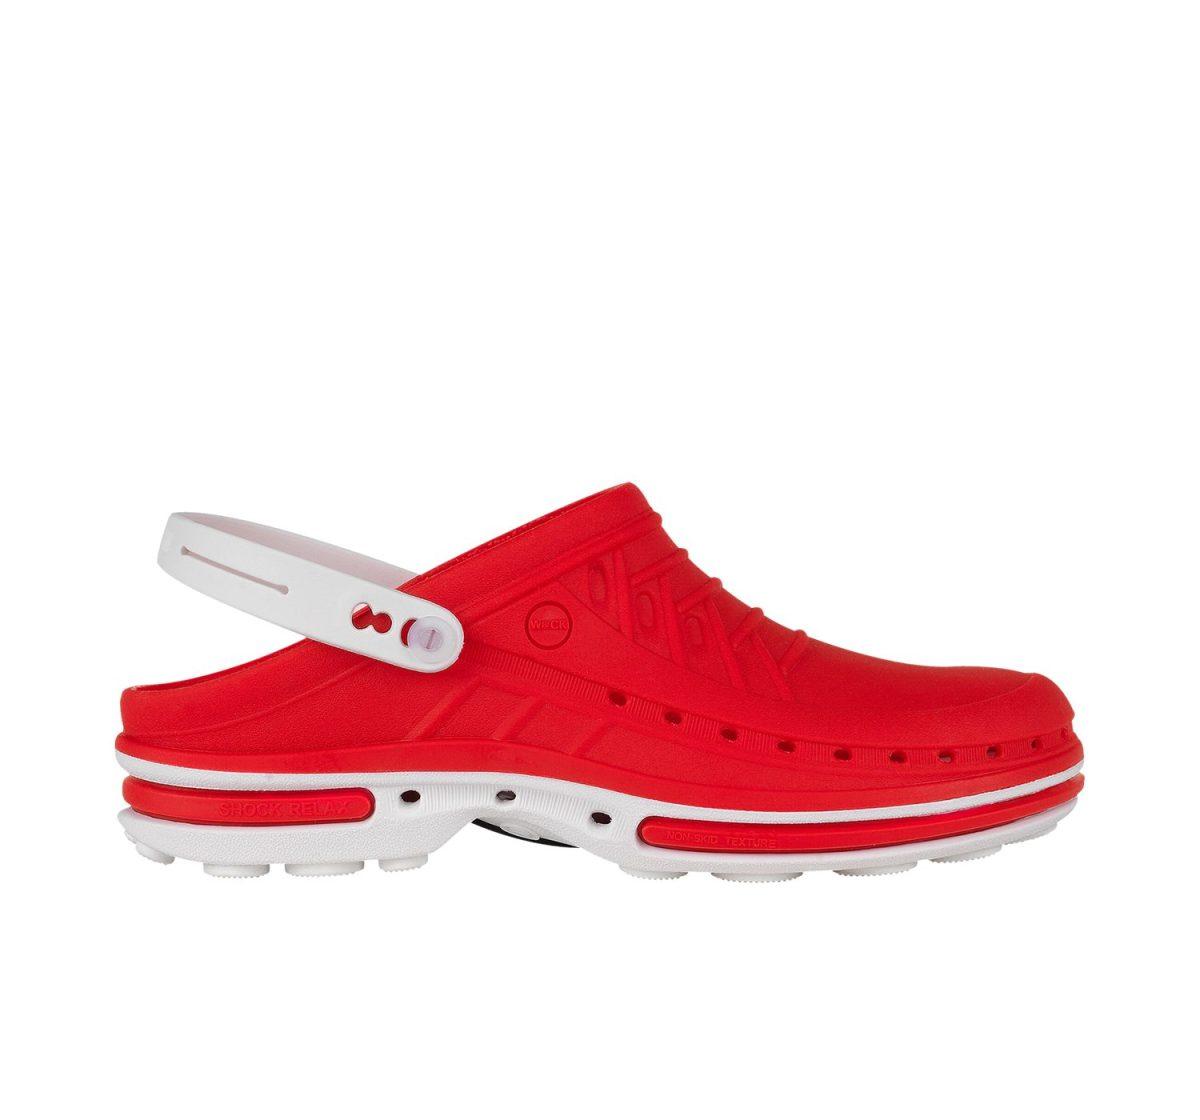 wock-clog-klumpa-piros-2020-01